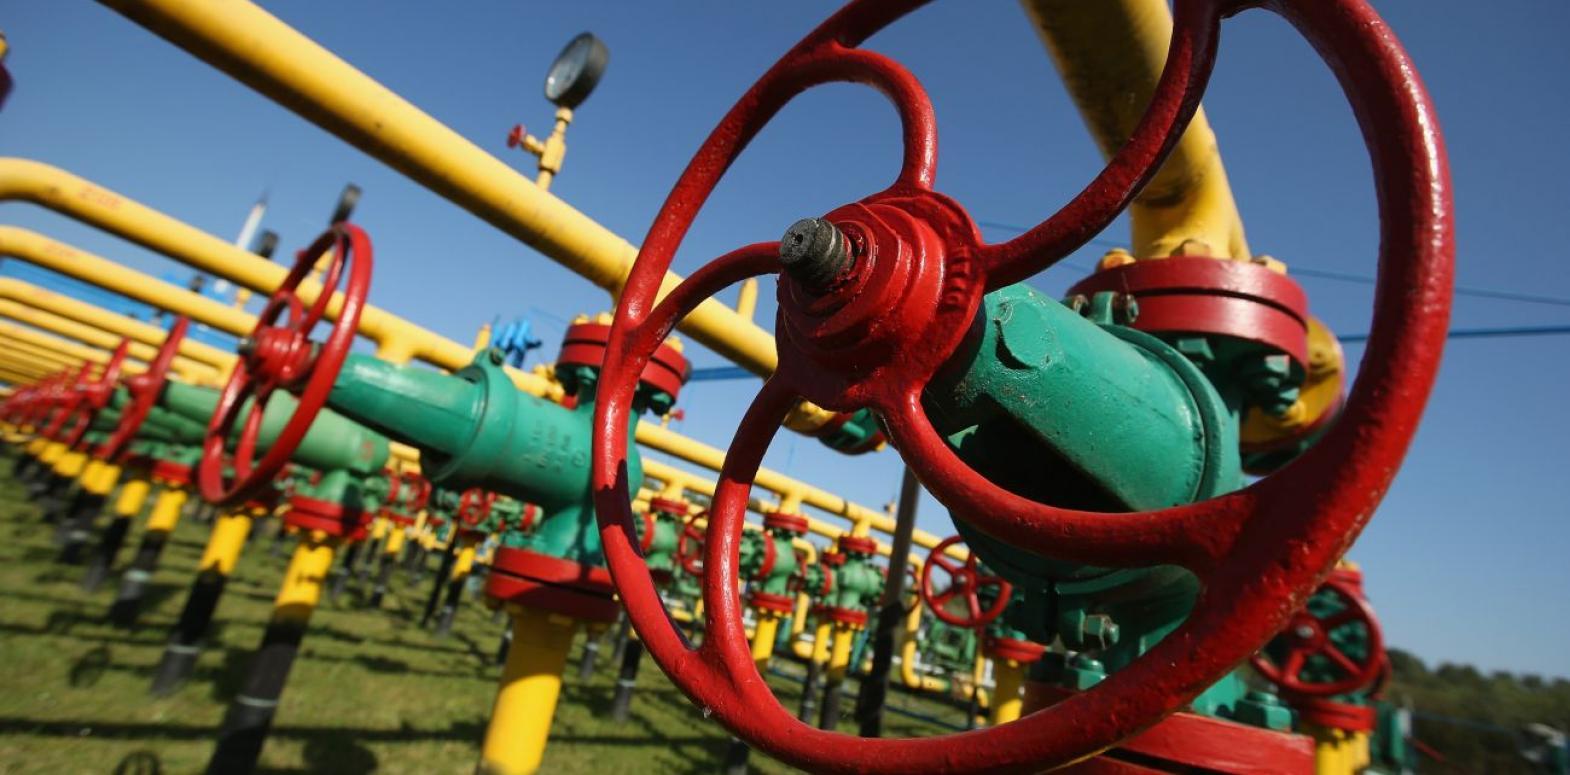 Запасы газа в ПХГ Украины достигли планового уровня для начала отопительного сезона